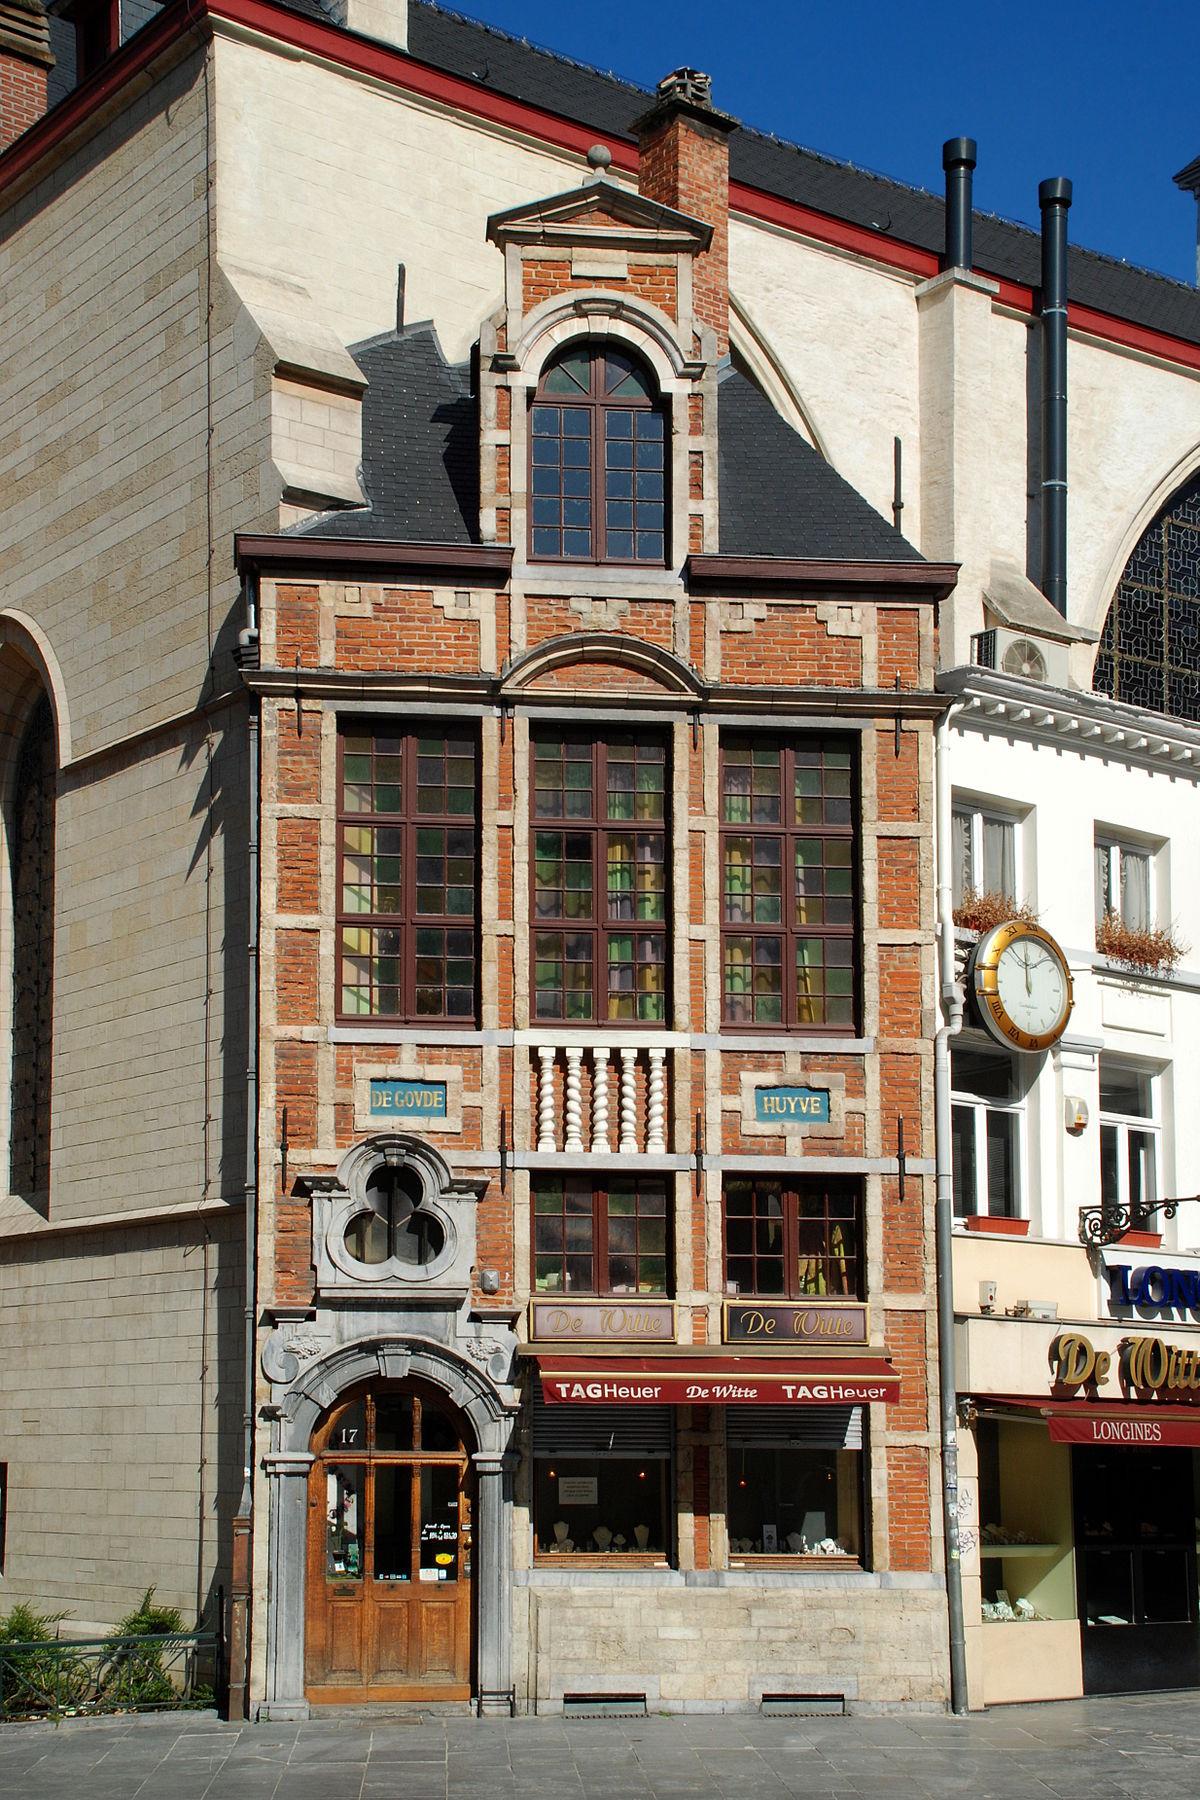 Maison de goude huyve wikip dia for Assurance gens de maison belgique